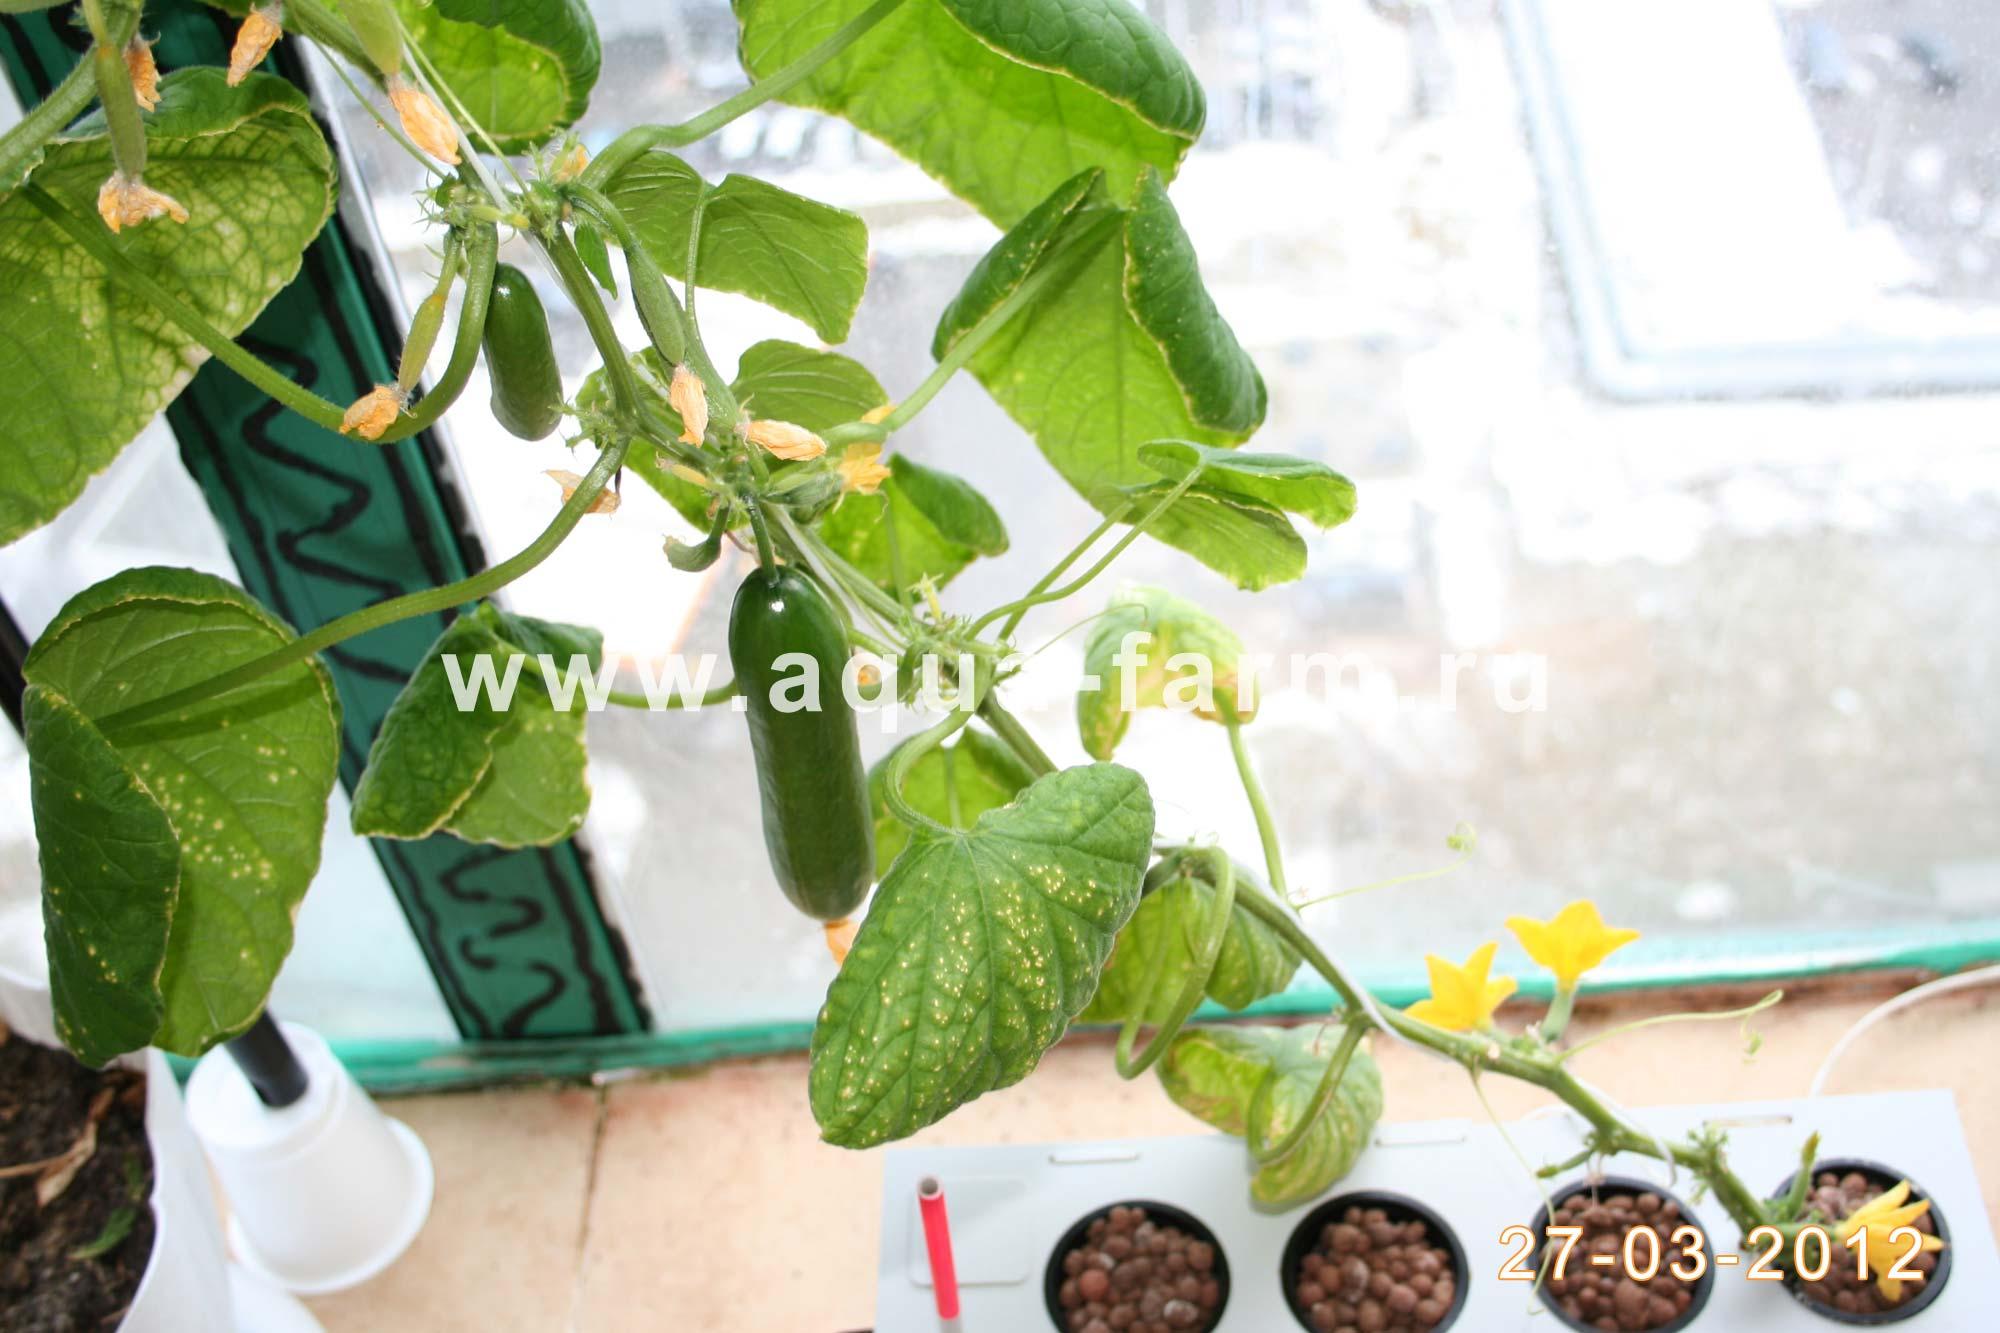 Выращивание огурцов в домашних условиях: пошаговая инструкция, секреты и технологии выращивания (120 фото + видео)